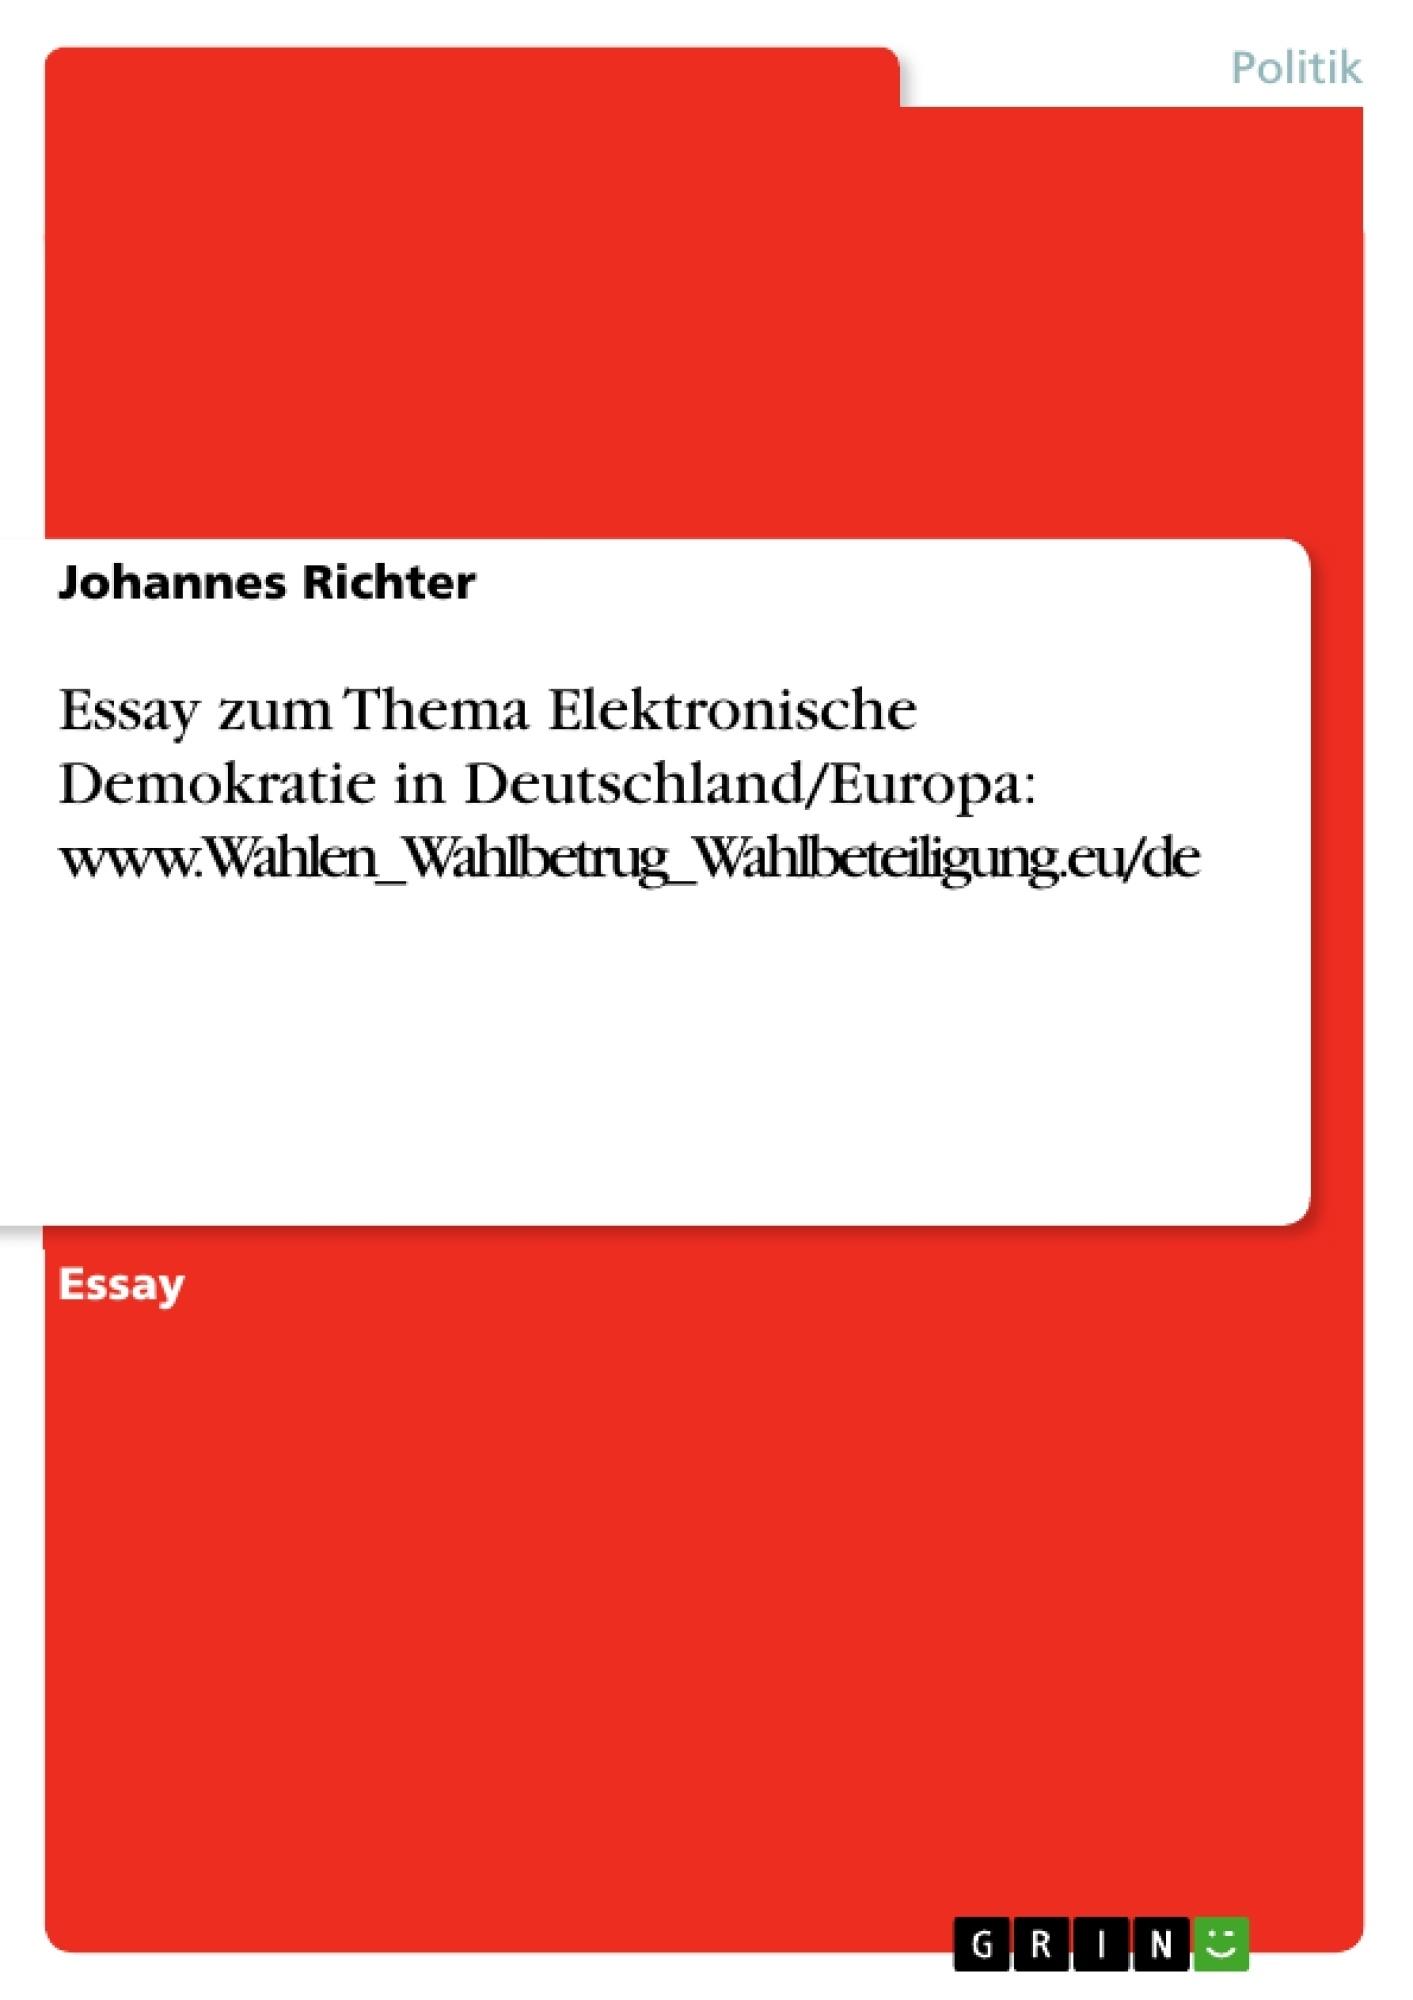 Titel: Essay zum Thema Elektronische Demokratie in Deutschland/Europa: www.Wahlen_Wahlbetrug_Wahlbeteiligung.eu/de